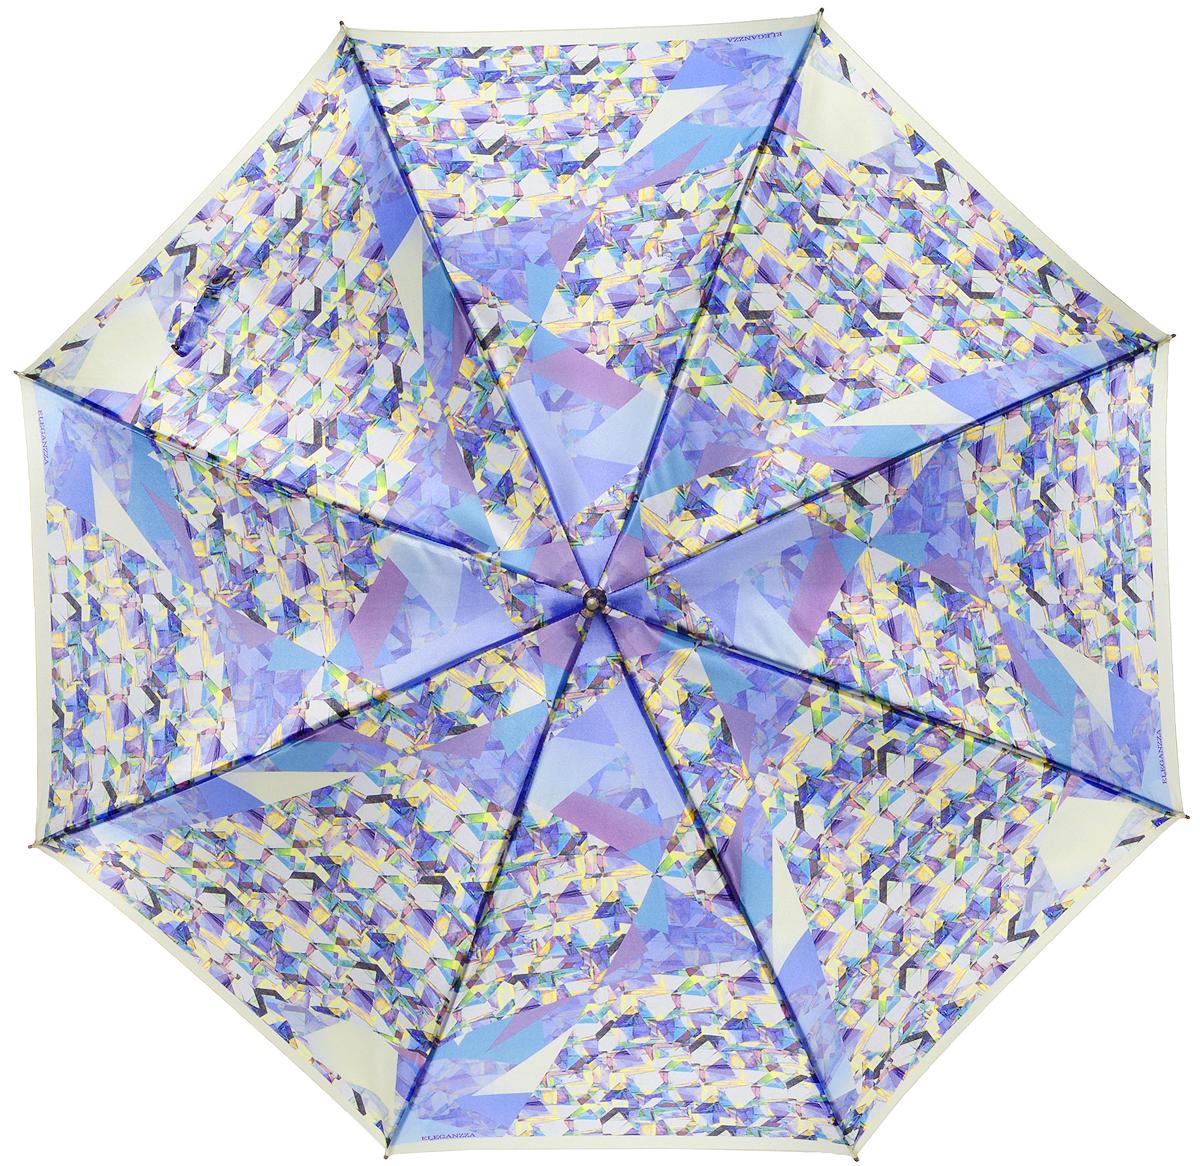 Зонт-трость женский Eleganzza, полуавтомат, 3 сложения, цвет: фиолетовый. T-06-0300T-06-0300Элегантный женский зонт-трость Eleganzza не оставит вас незамеченной. Изделие оформлено оригинальным принтом в виде геометрического рисунка. Зонт состоит из восьми спиц и стержня, изготовленных из стали и фибергласса. Купол выполнен из качественного полиэстера и сатина, которые не пропускают воду. Зонт дополнен удобной ручкой из акрила, которая имеет форму крючка. Также зонт имеет заостренный наконечник, который устраняет попадание воды на стержень и уберегает зонт от повреждений. Изделие имеет полуавтоматический механизм сложения: купол открывается нажатием кнопки на ручке, а складывается вручную до характерного щелчка. Оригинальный и практичный аксессуар даже в ненастную погоду позволит вам оставаться женственной и привлекательной.